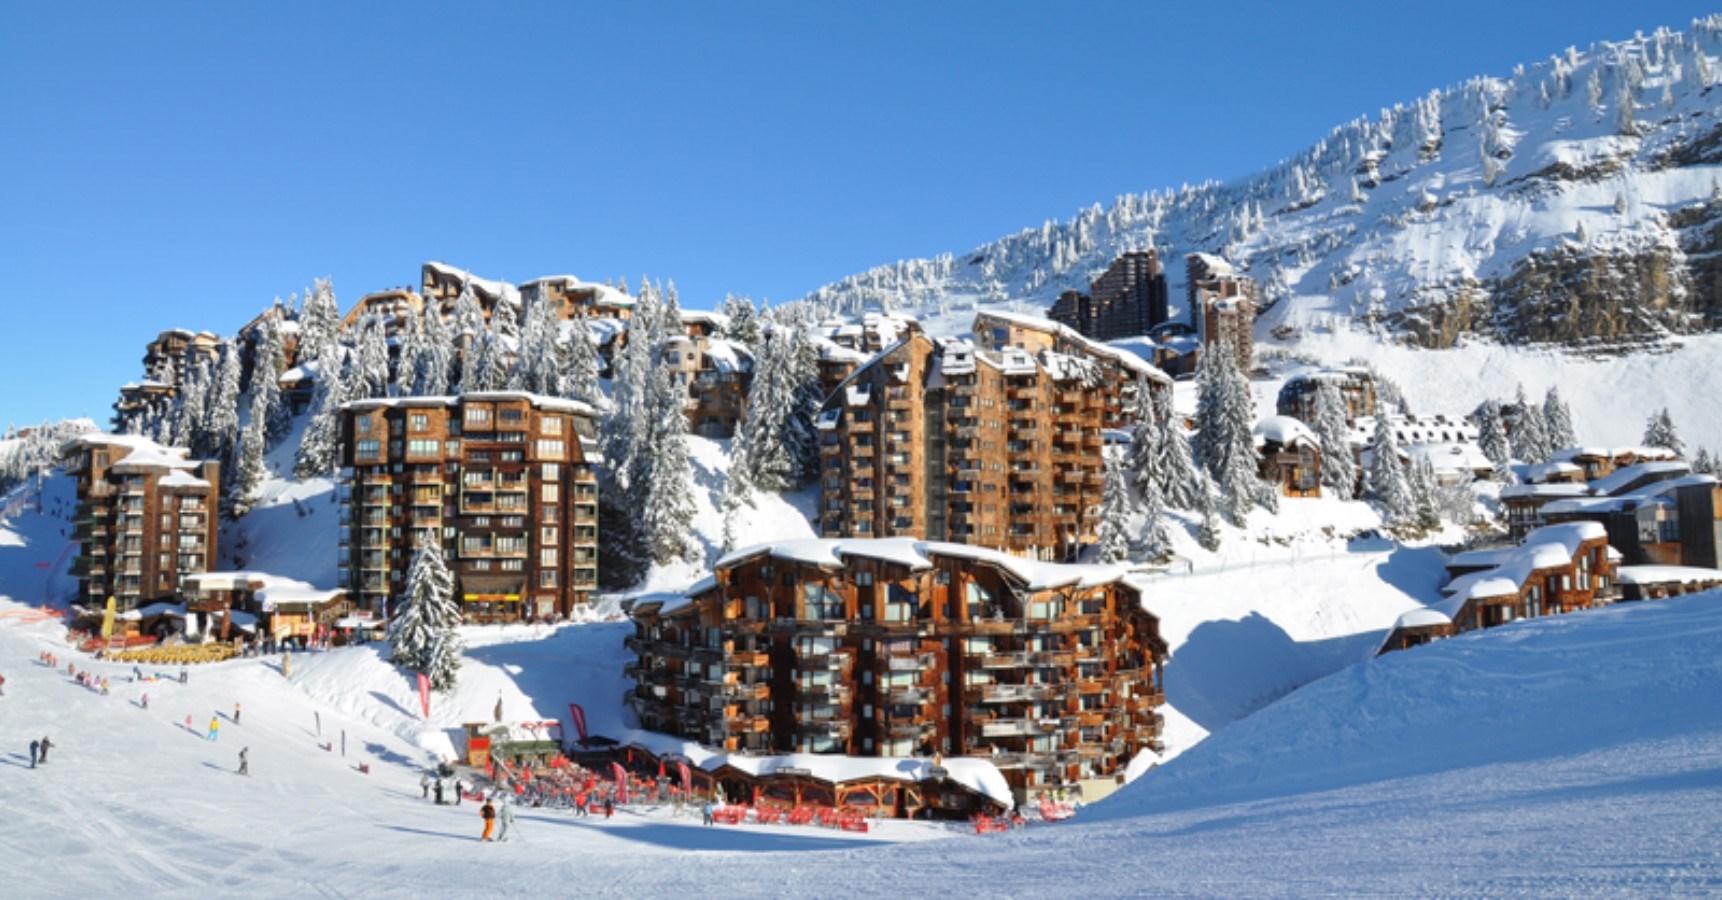 Avoriaz Ski Holidays in Luxury Chalets - VIP SKI